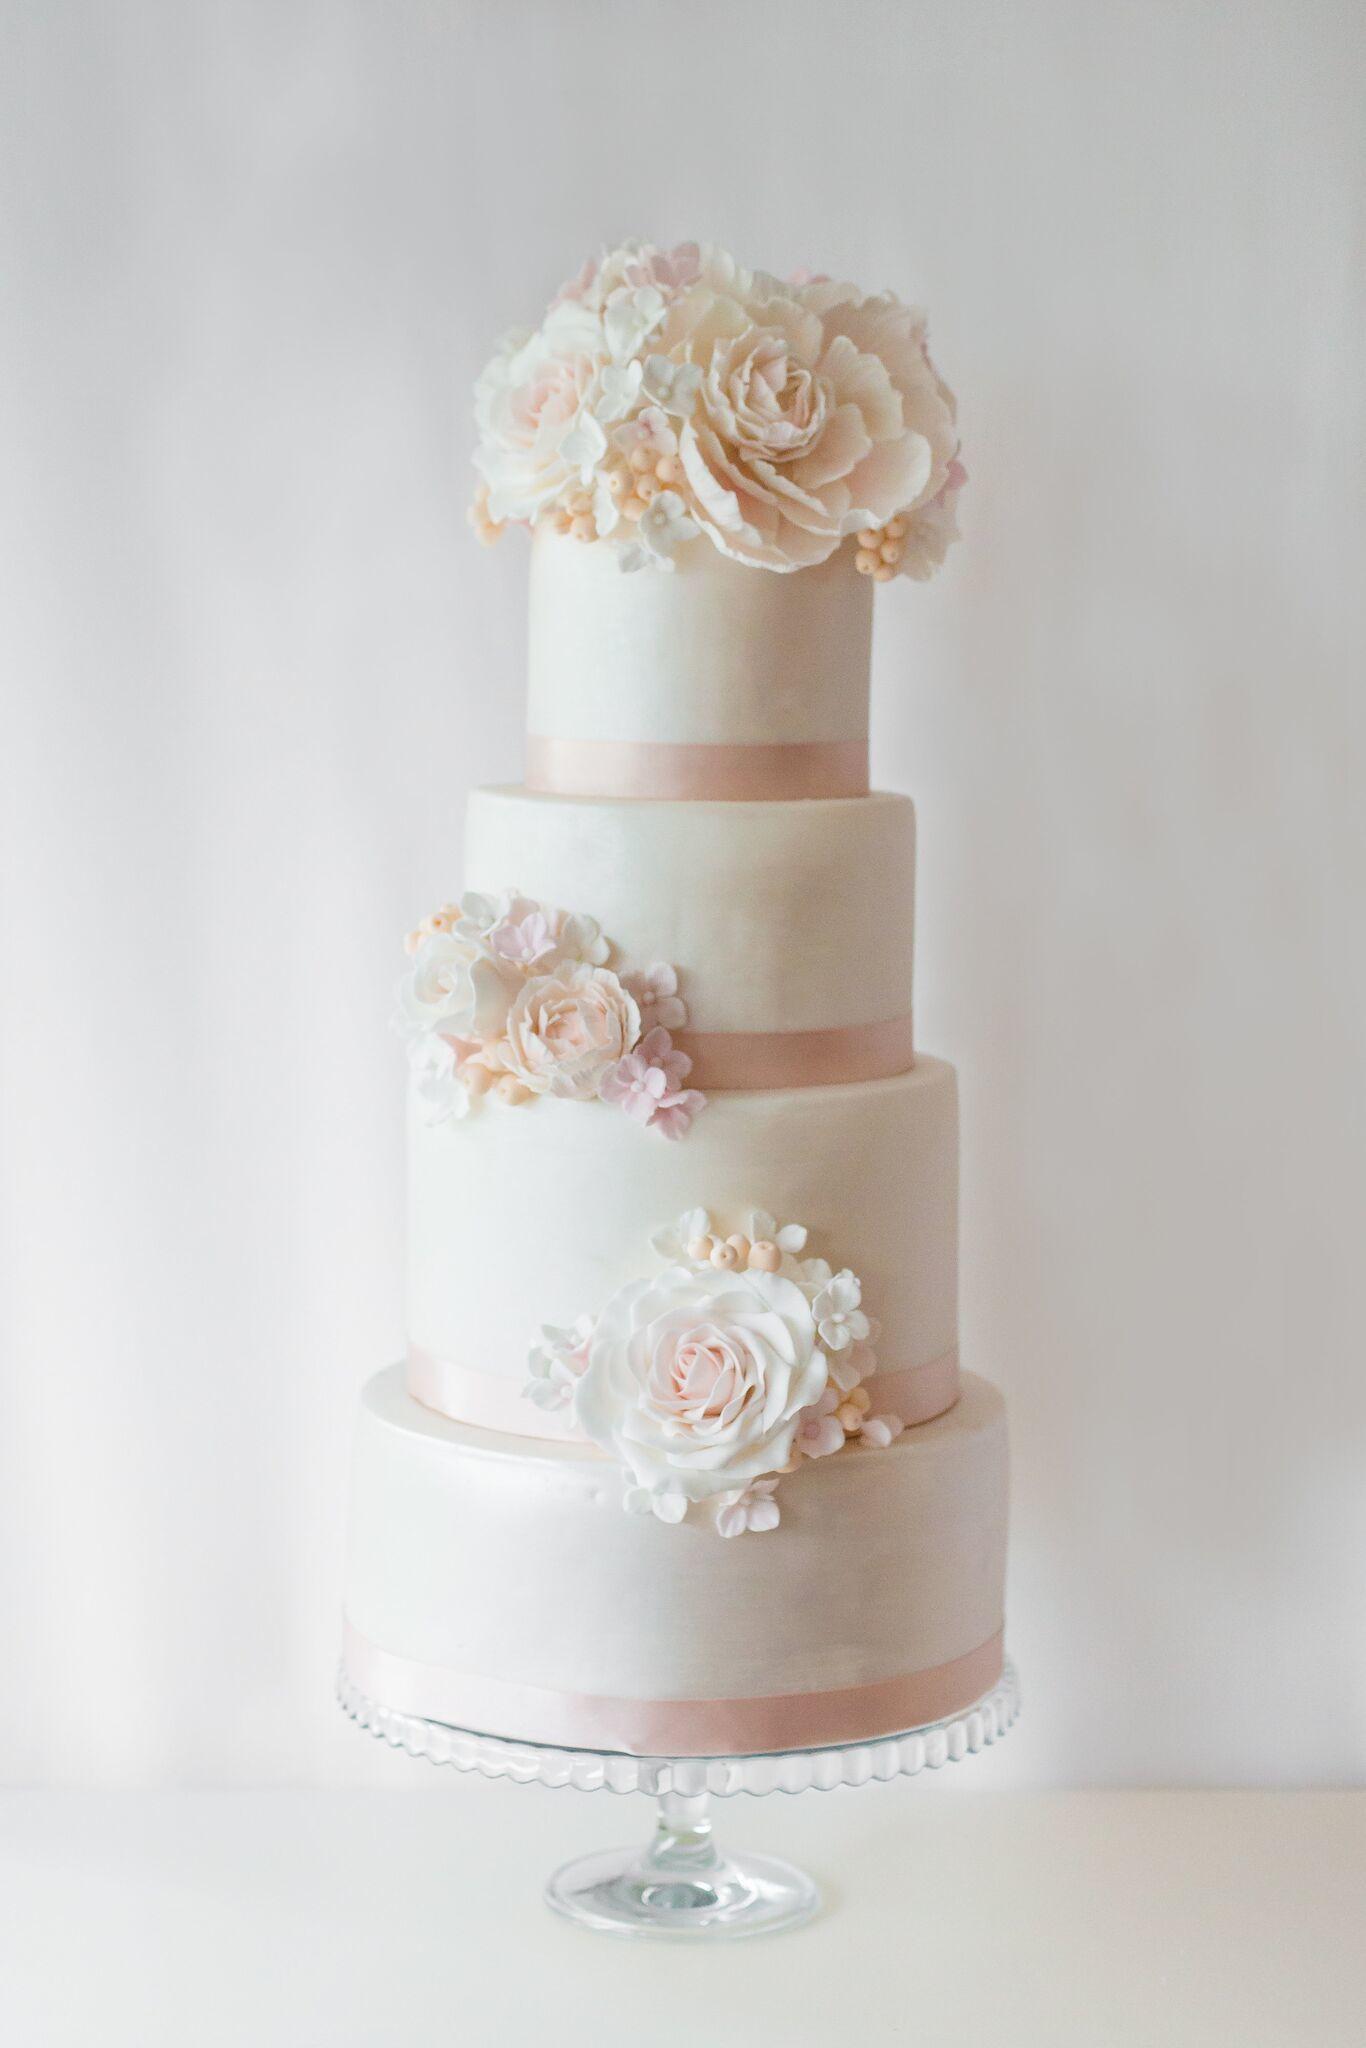 Ivory fondant wedding cake with white sugar flowers